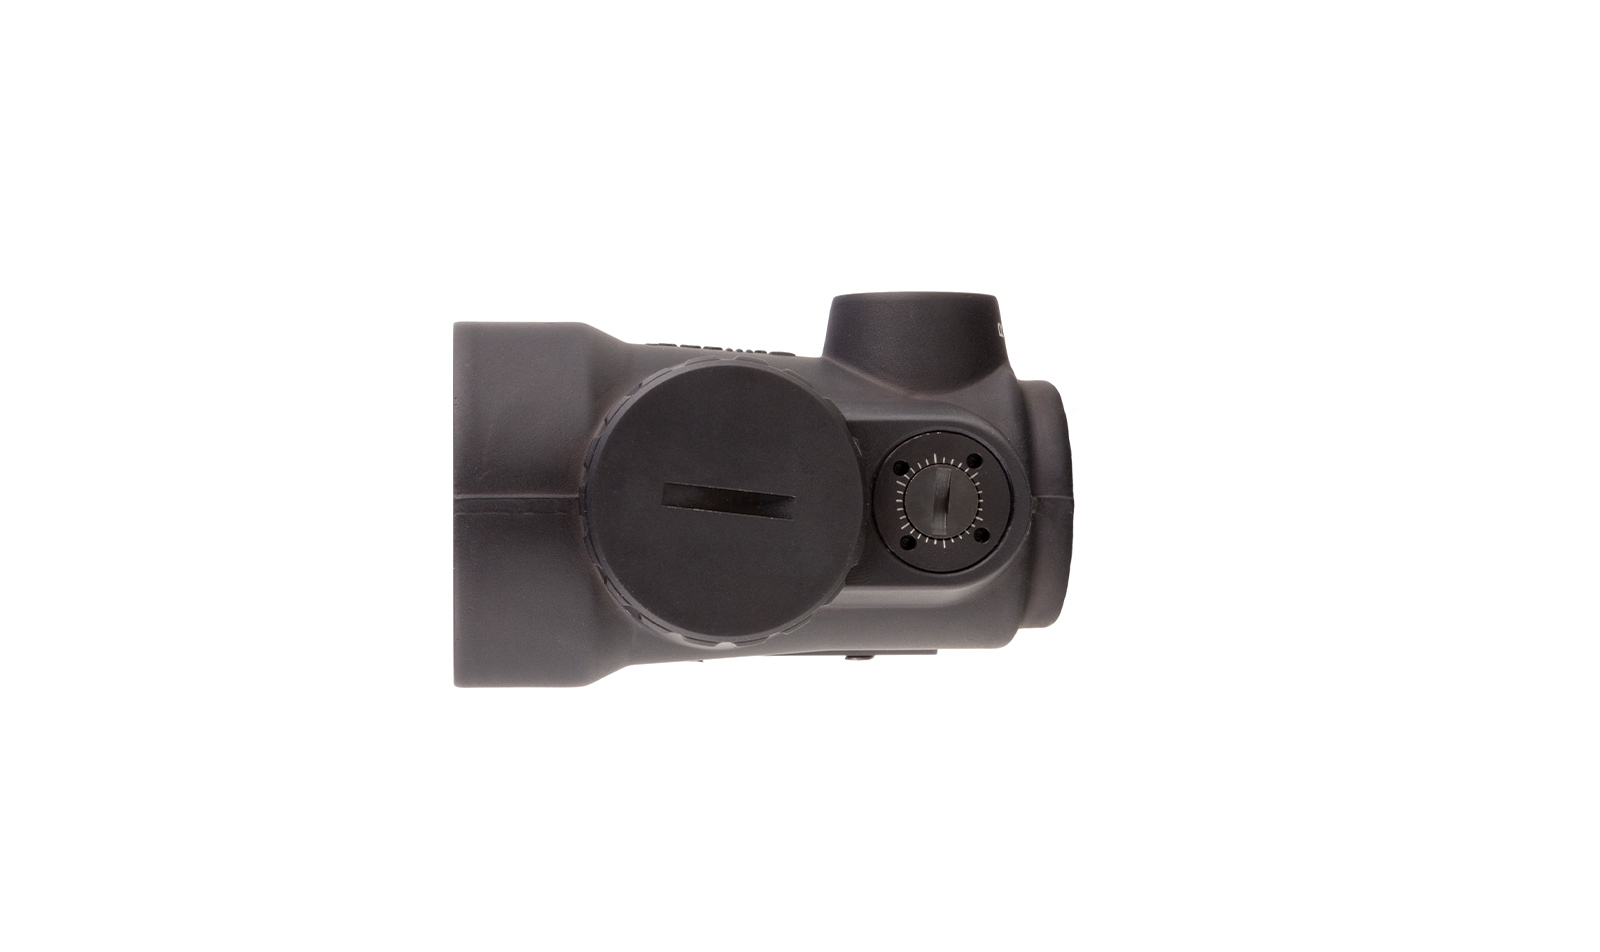 MRO-C-2200029 angle 9